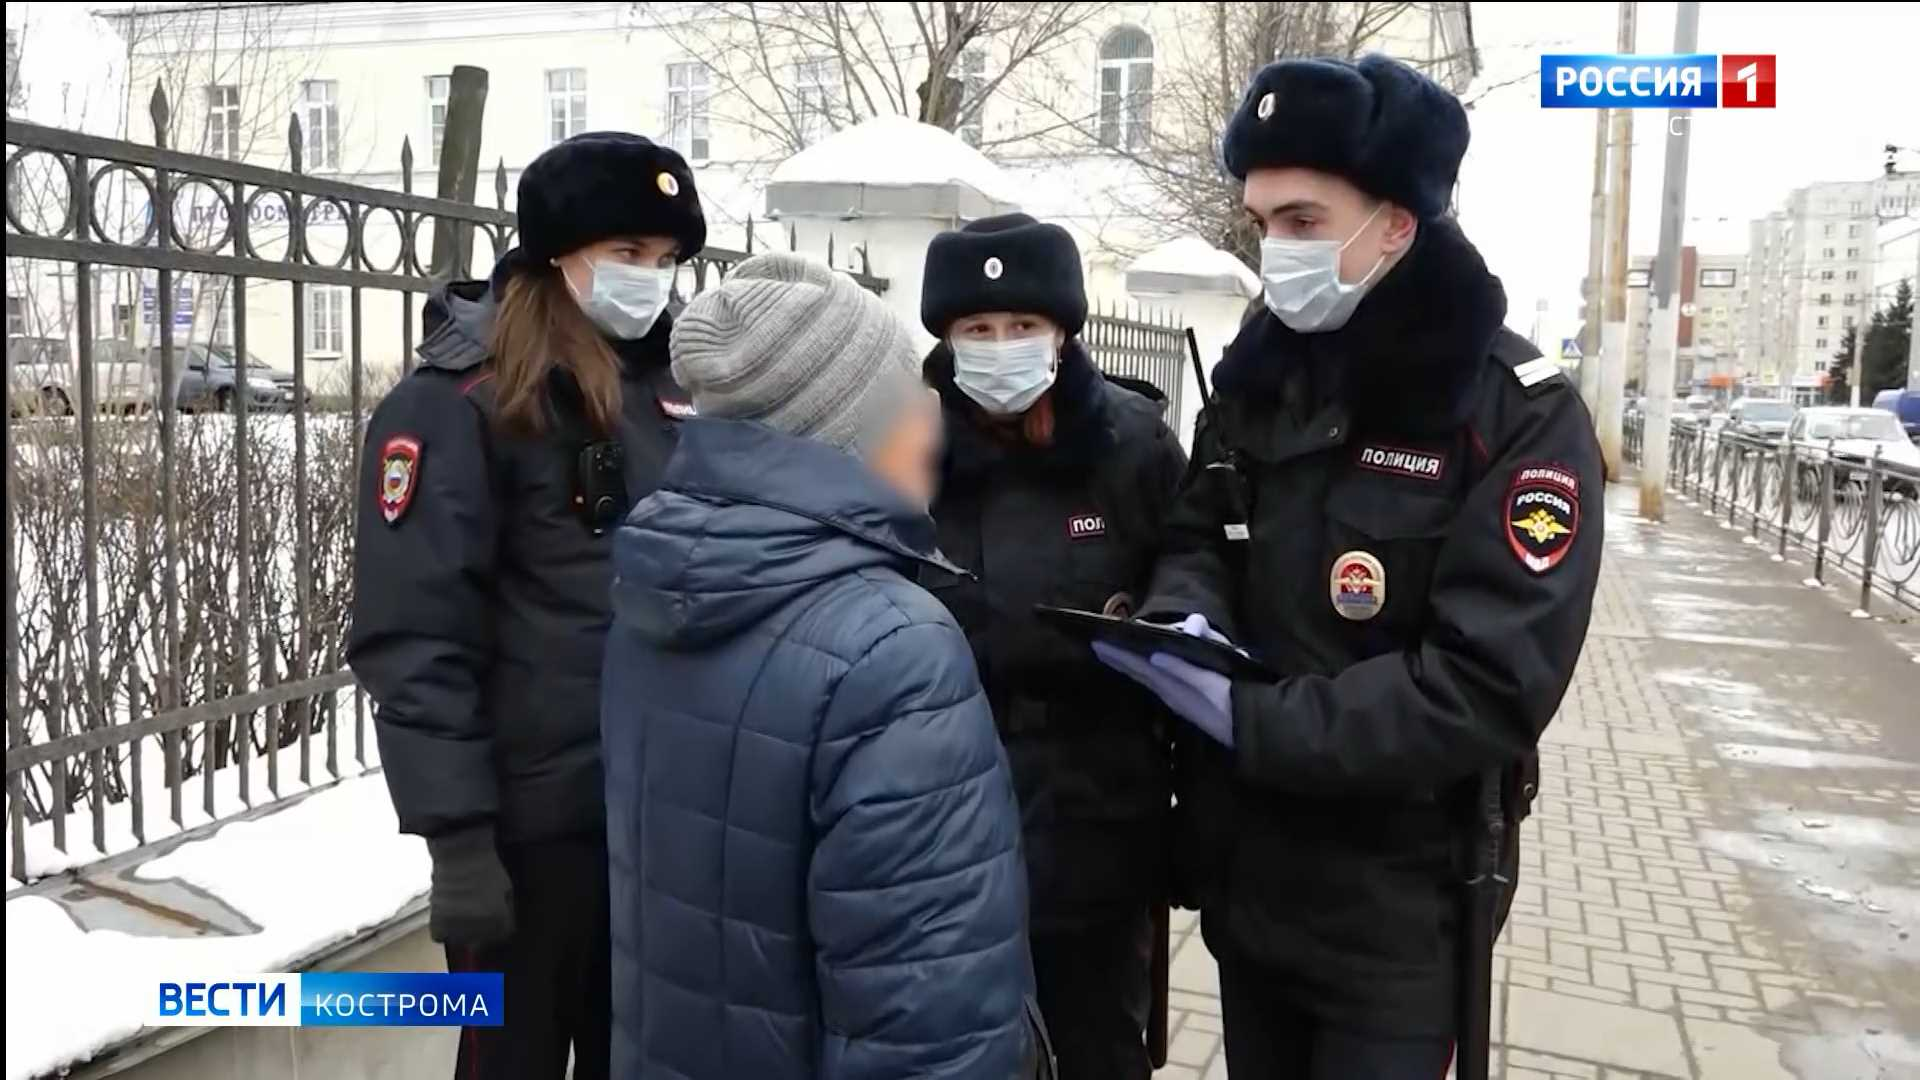 Криминал ушёл на дистанционку: костромские полицейские подвели итоги 2020 года